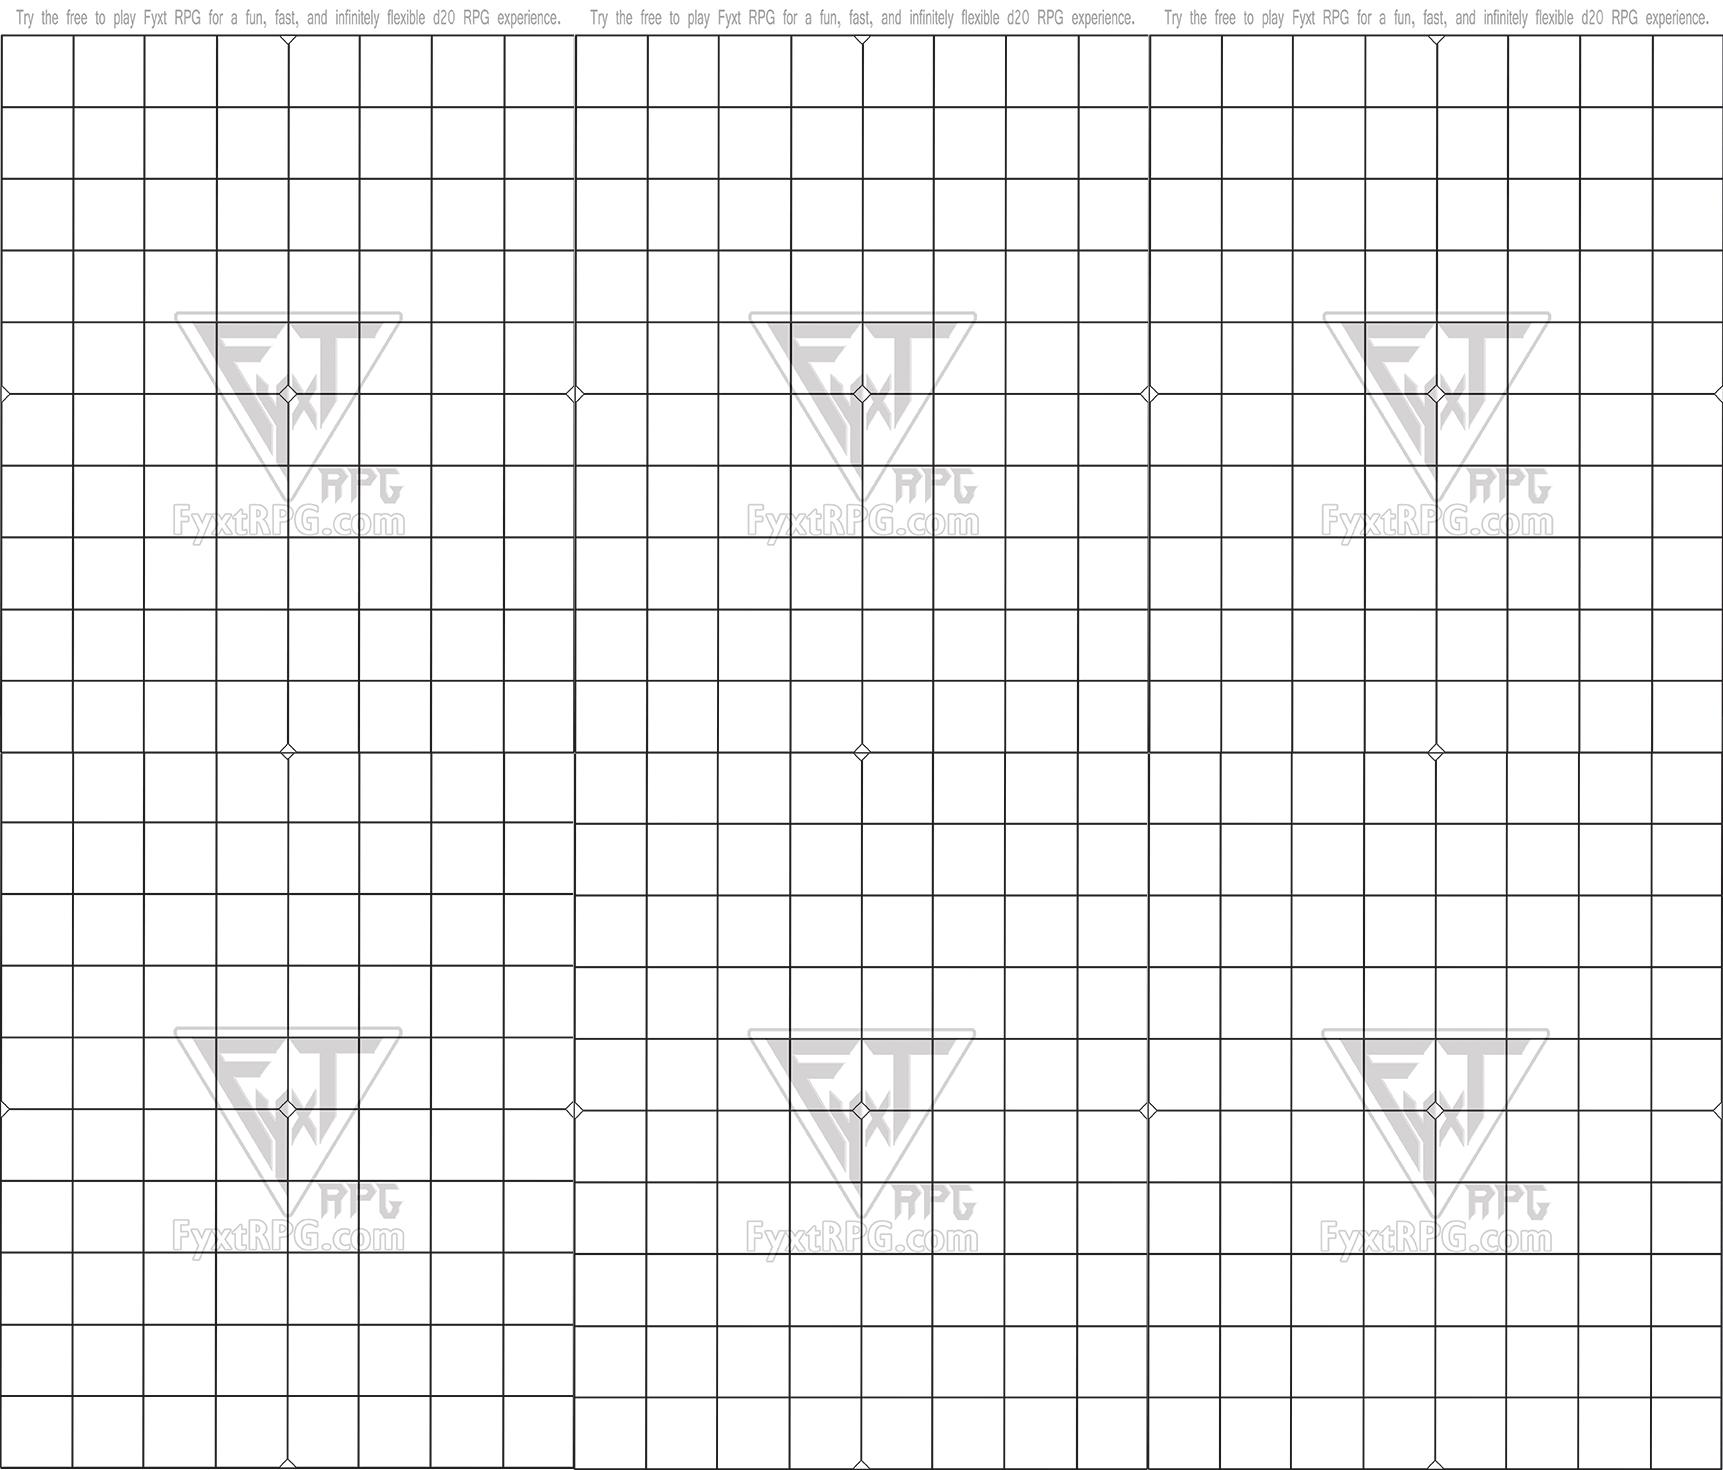 Fyxt RPG 6 8x10 Battle Mats Combined